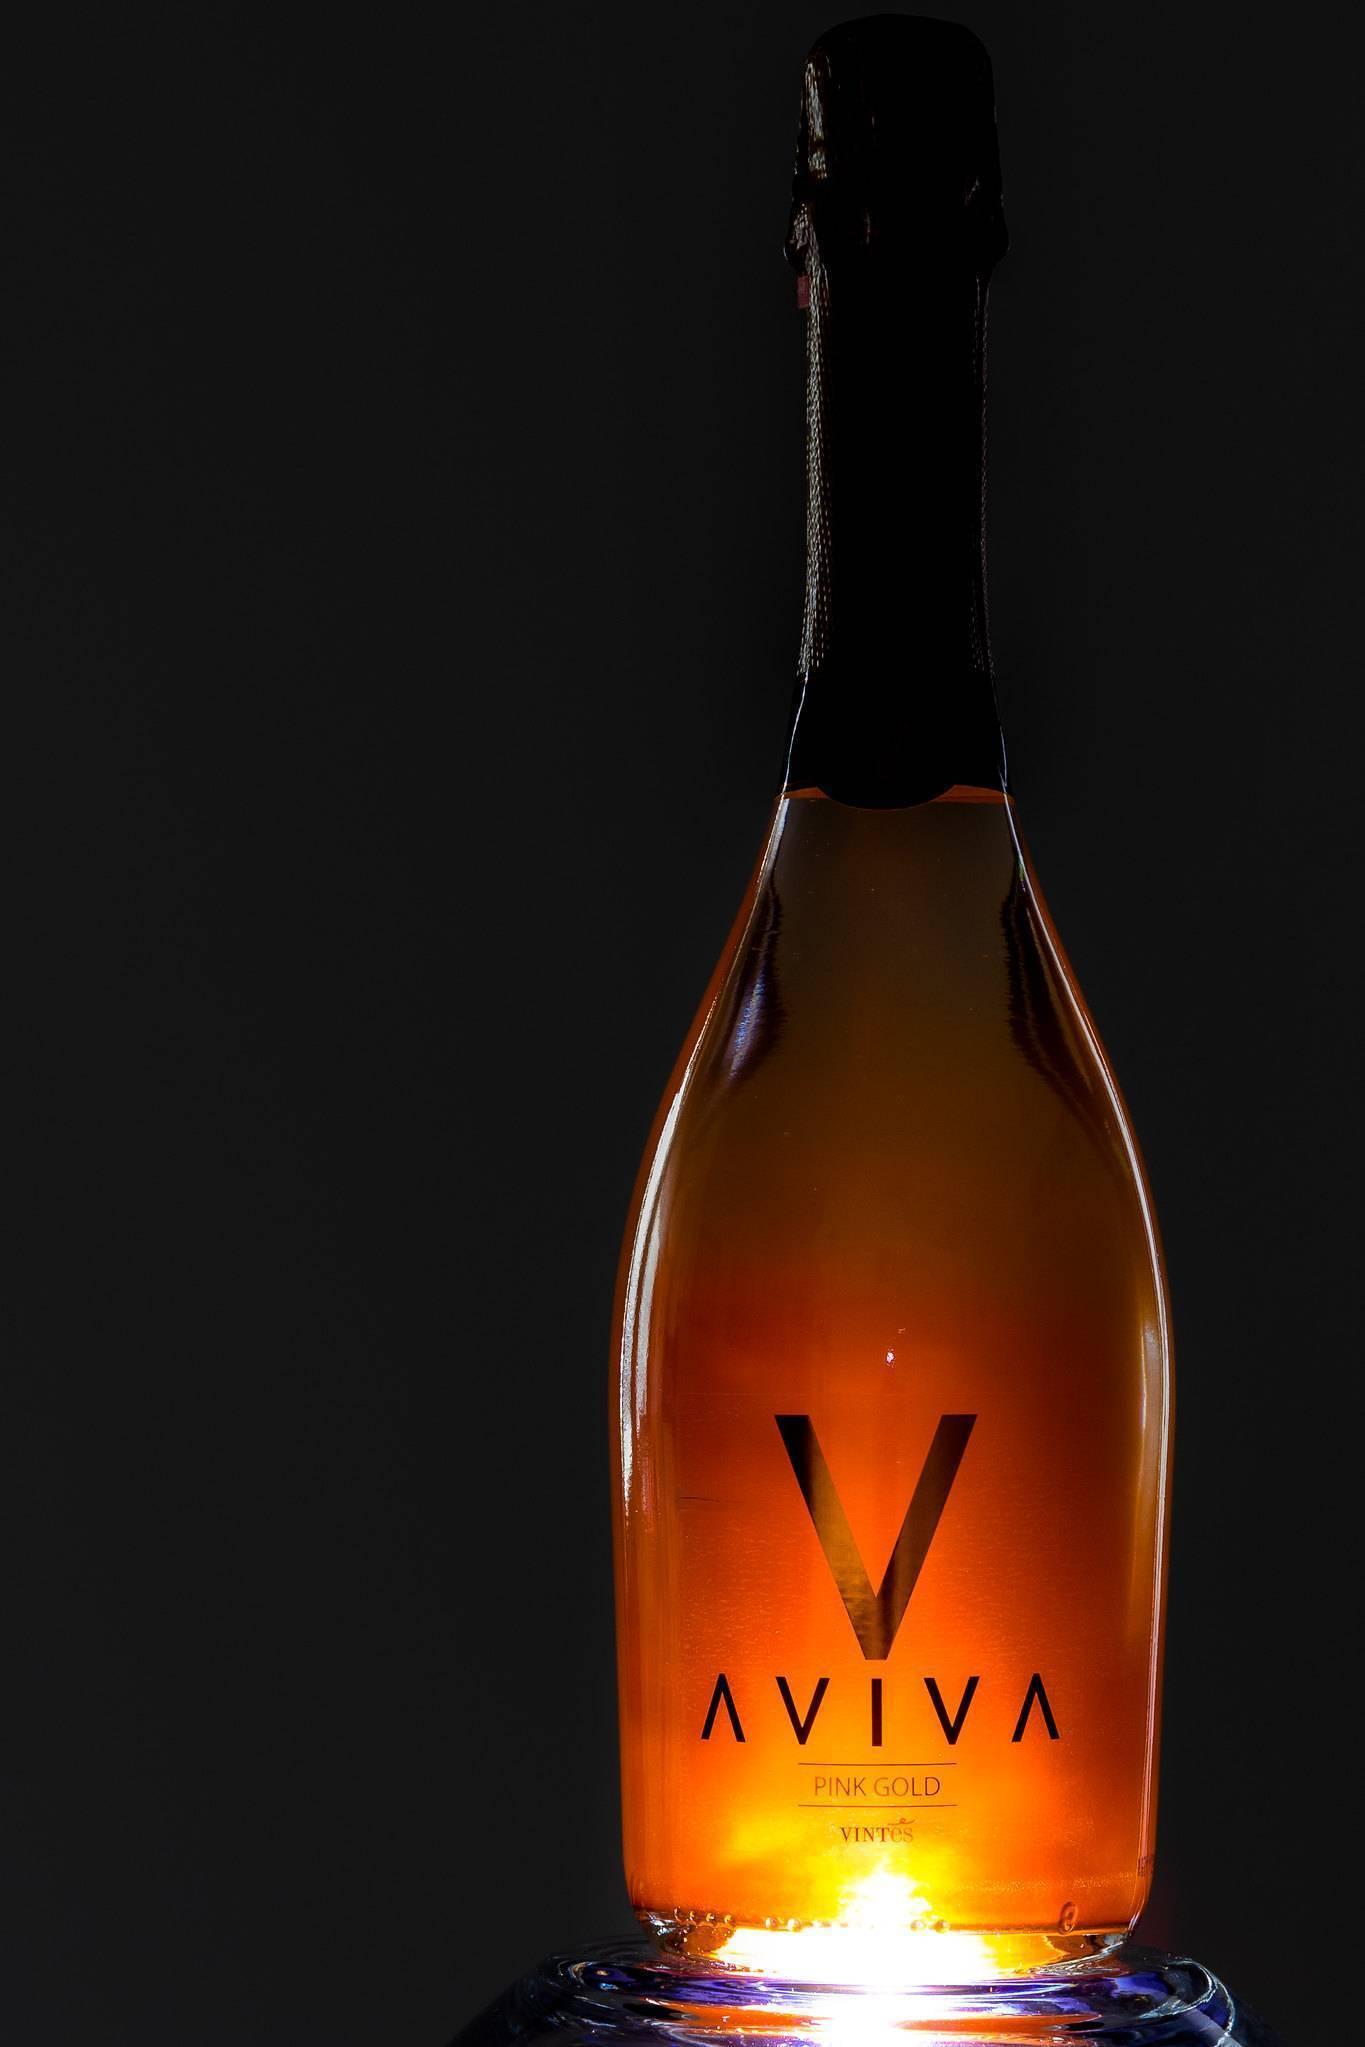 Шампанское с блестками: описание, характеристики, отзывы